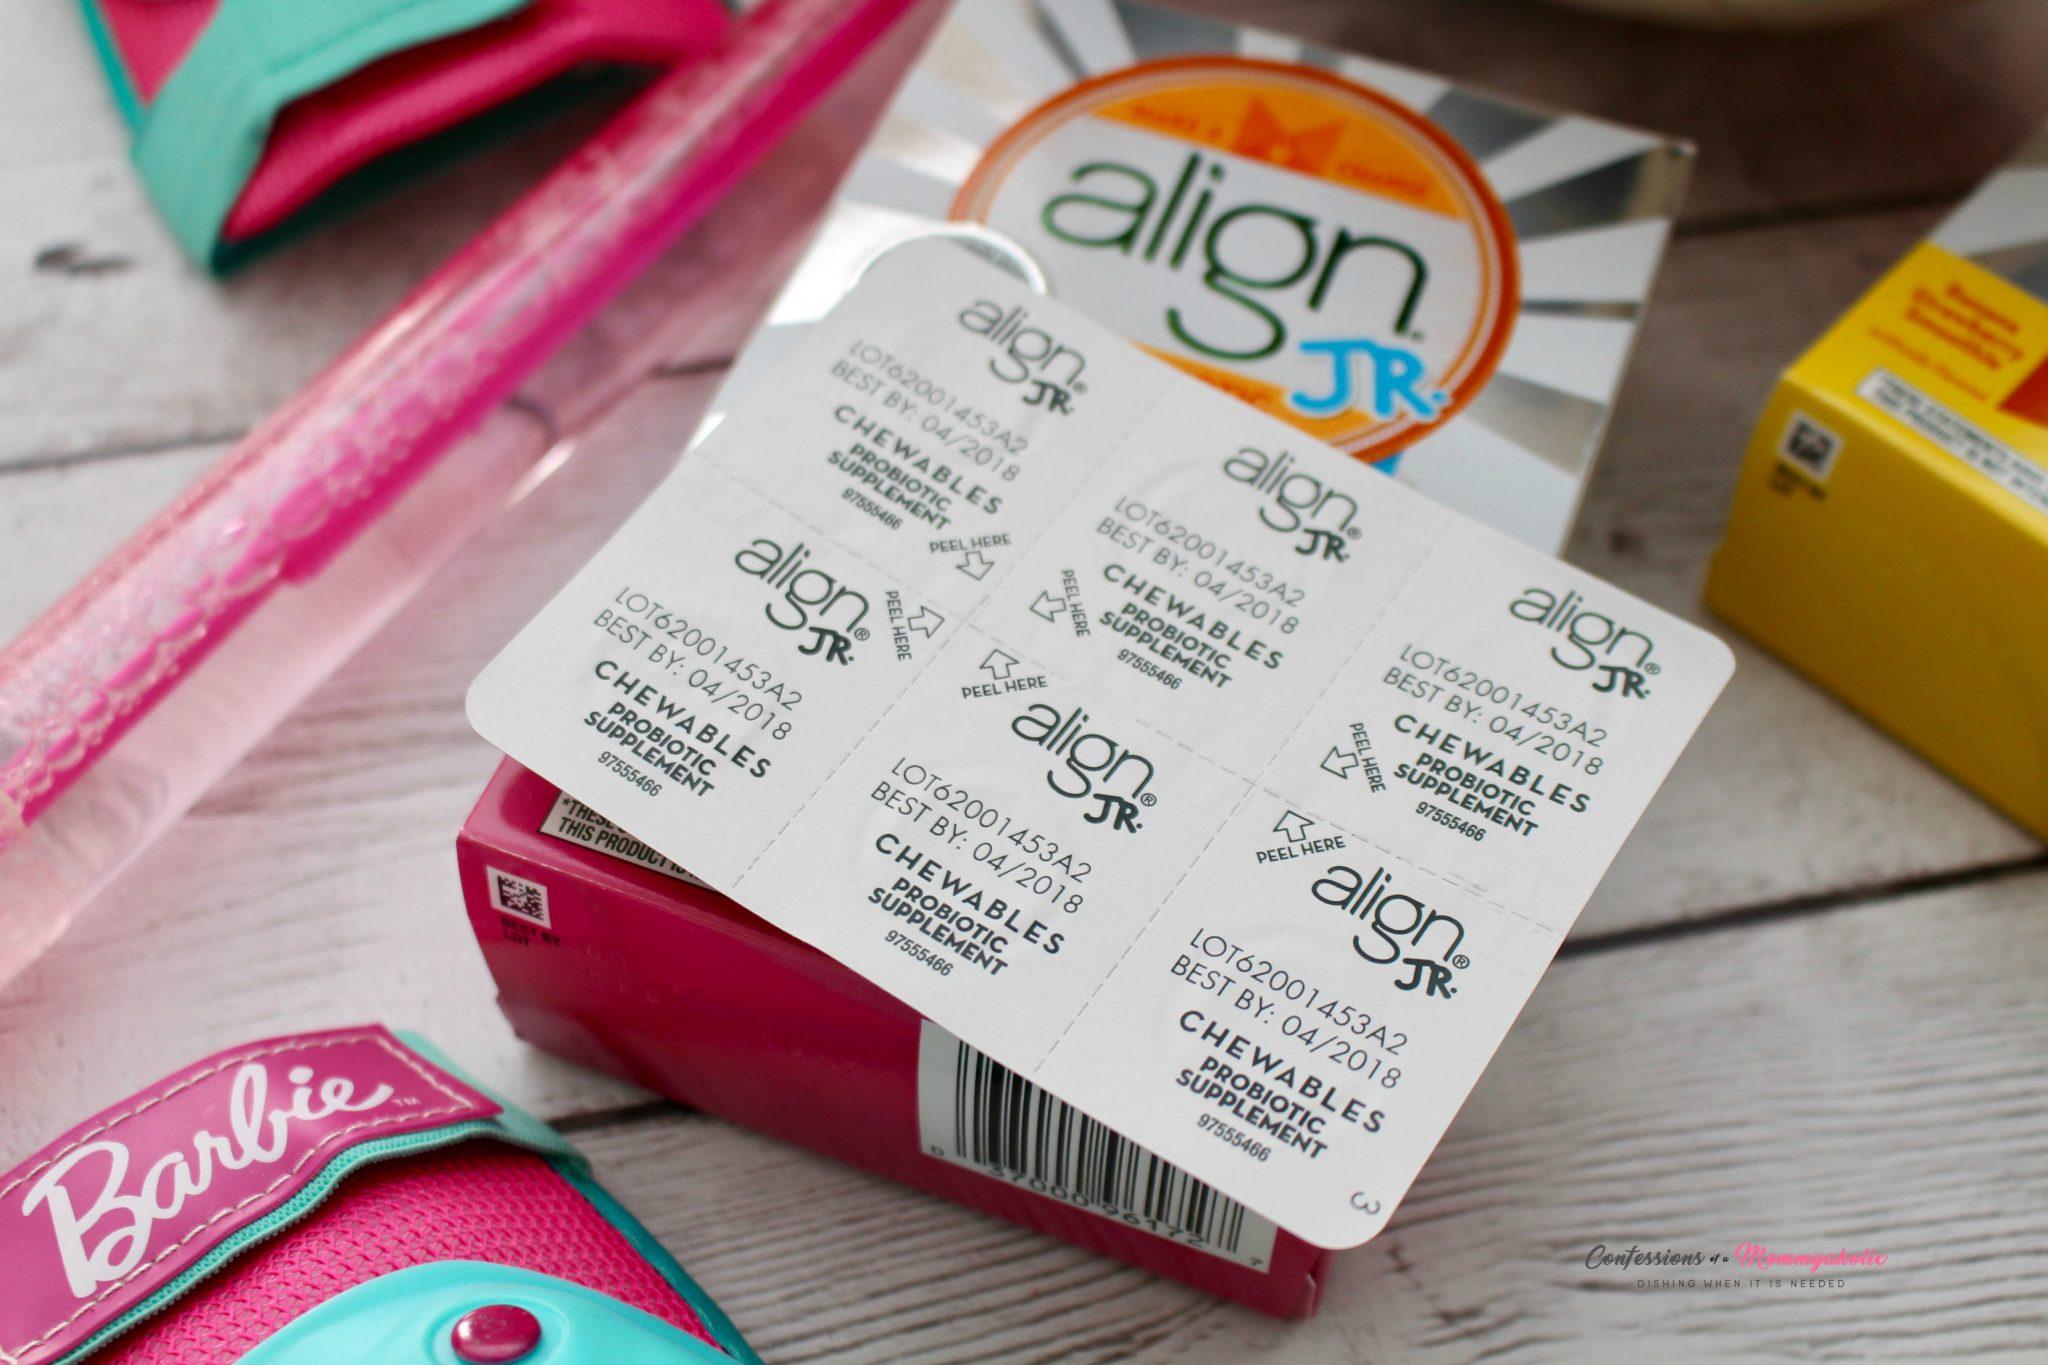 Align Jr Packaging